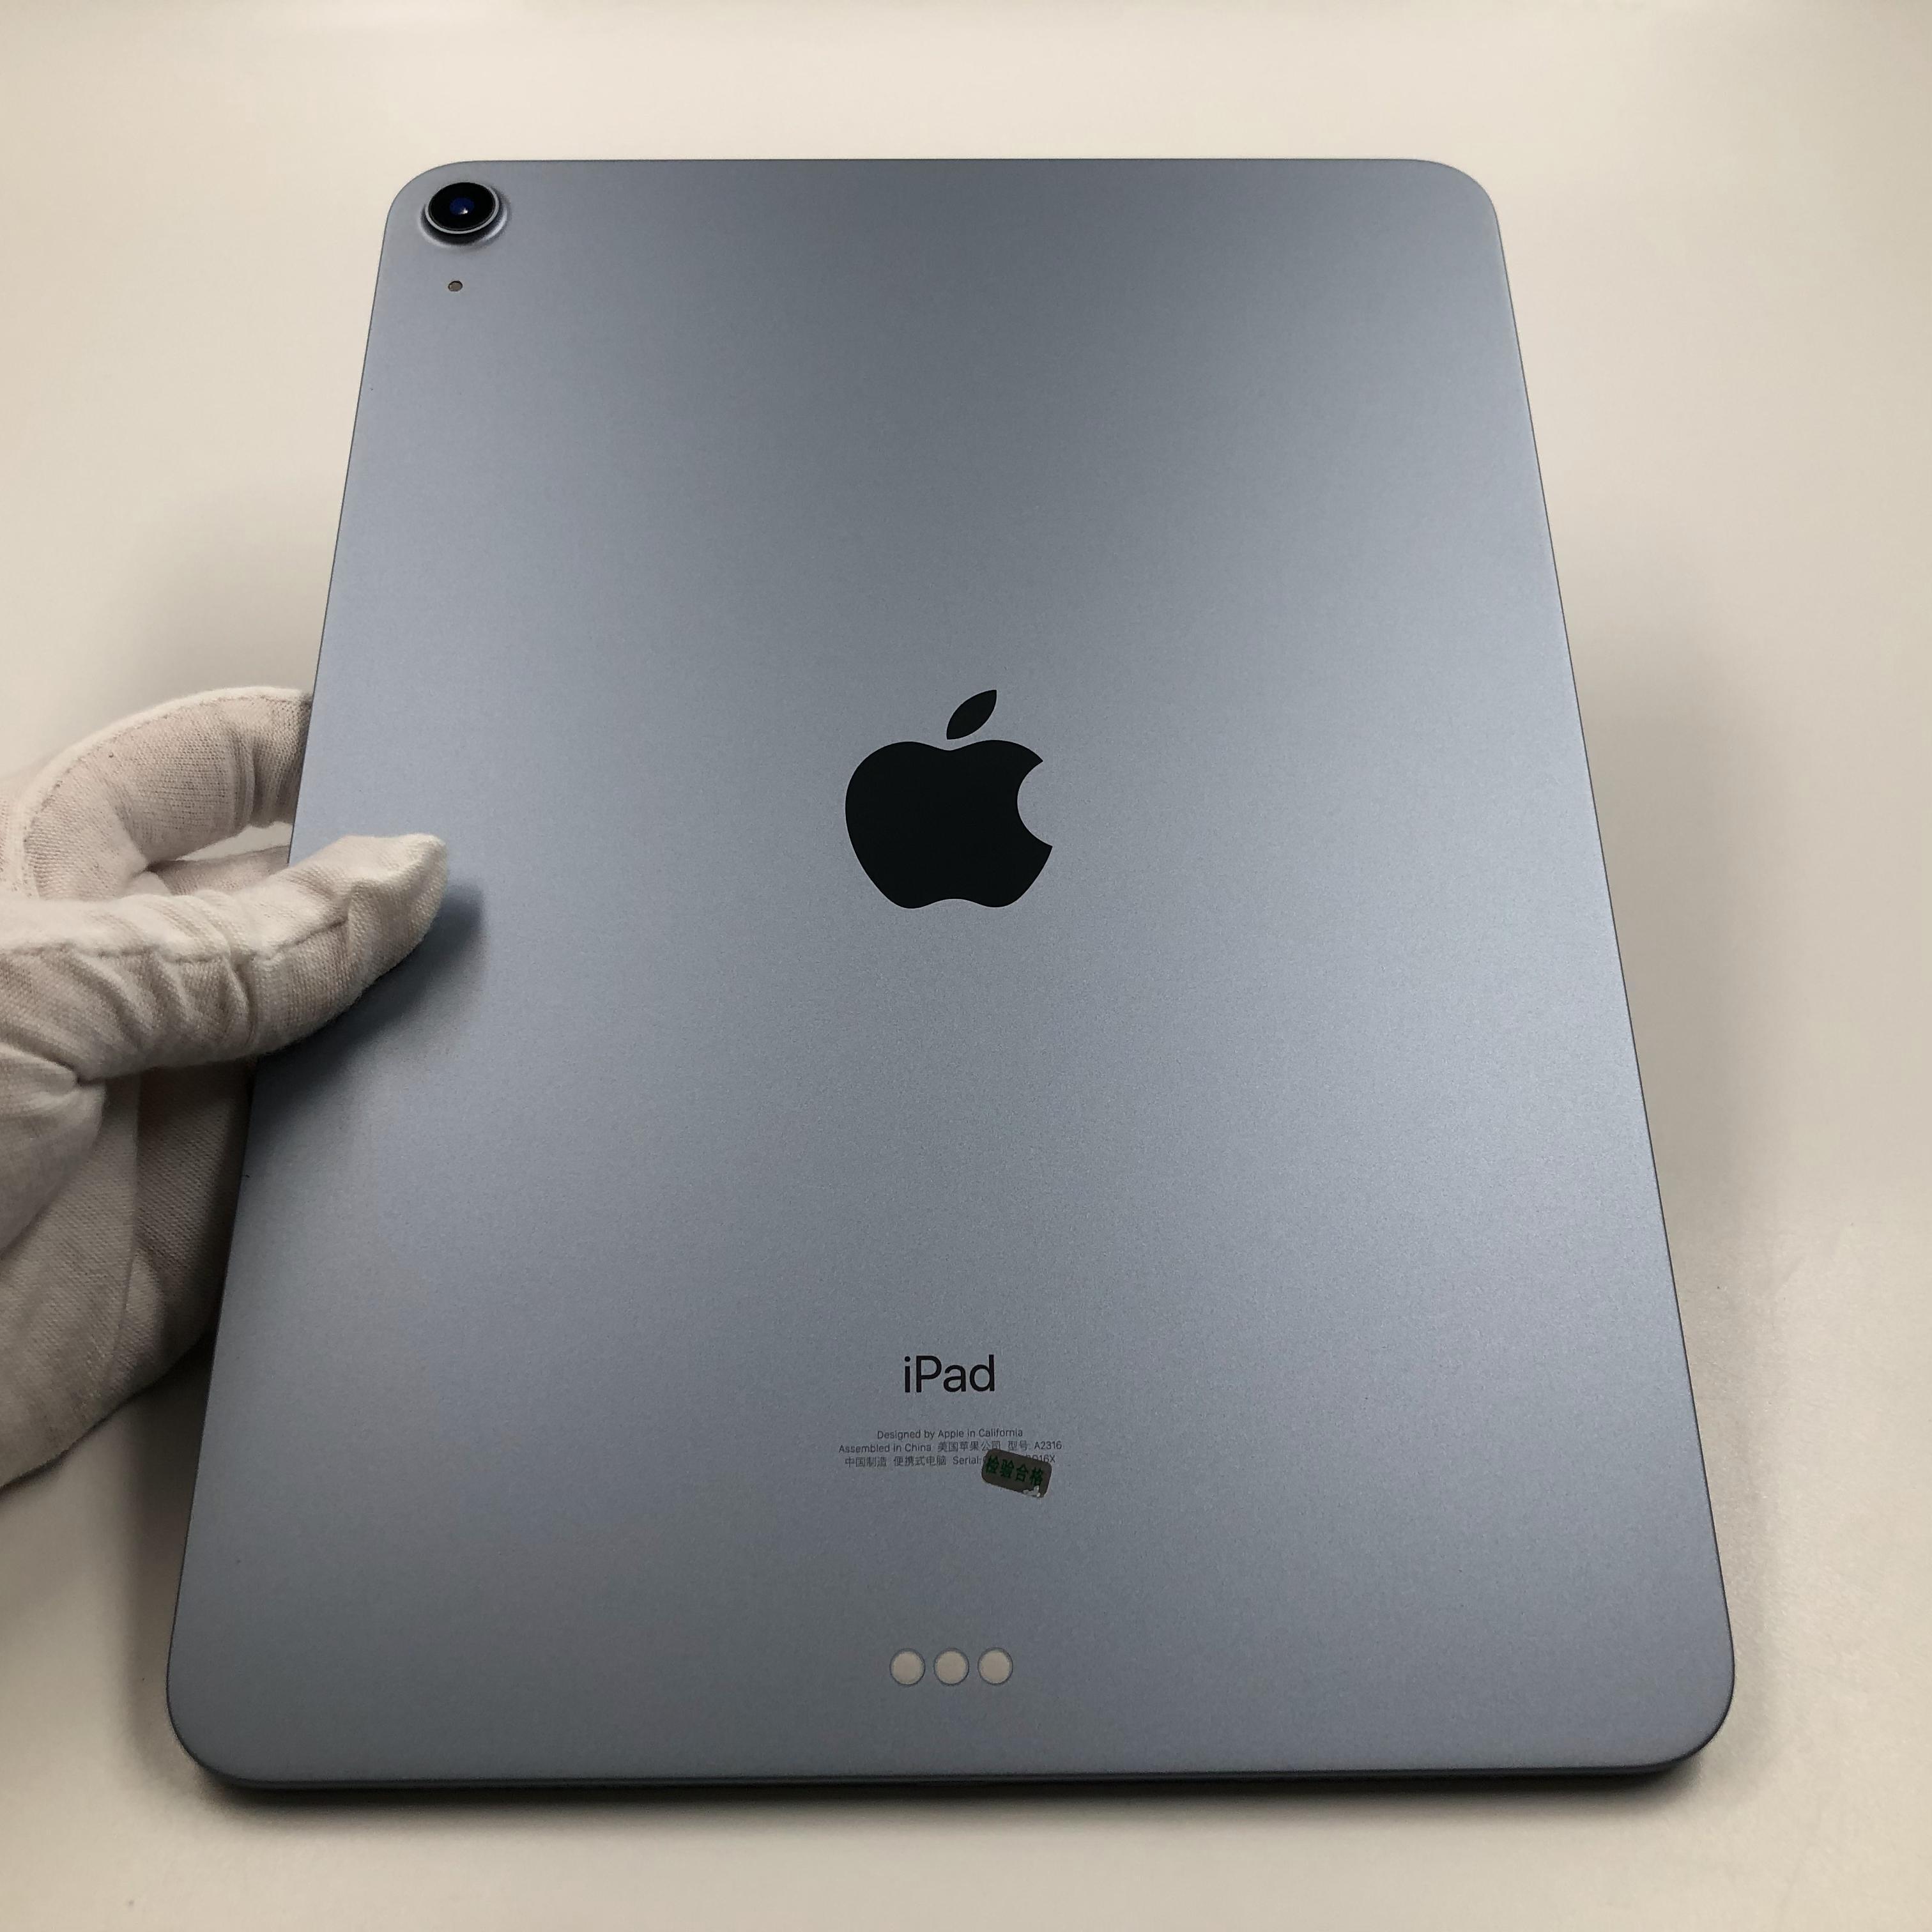 苹果【iPad Air4 10.9英寸 20款】WIFI版 天蓝色 256G 国行 99新 真机实拍官保2022-03-07